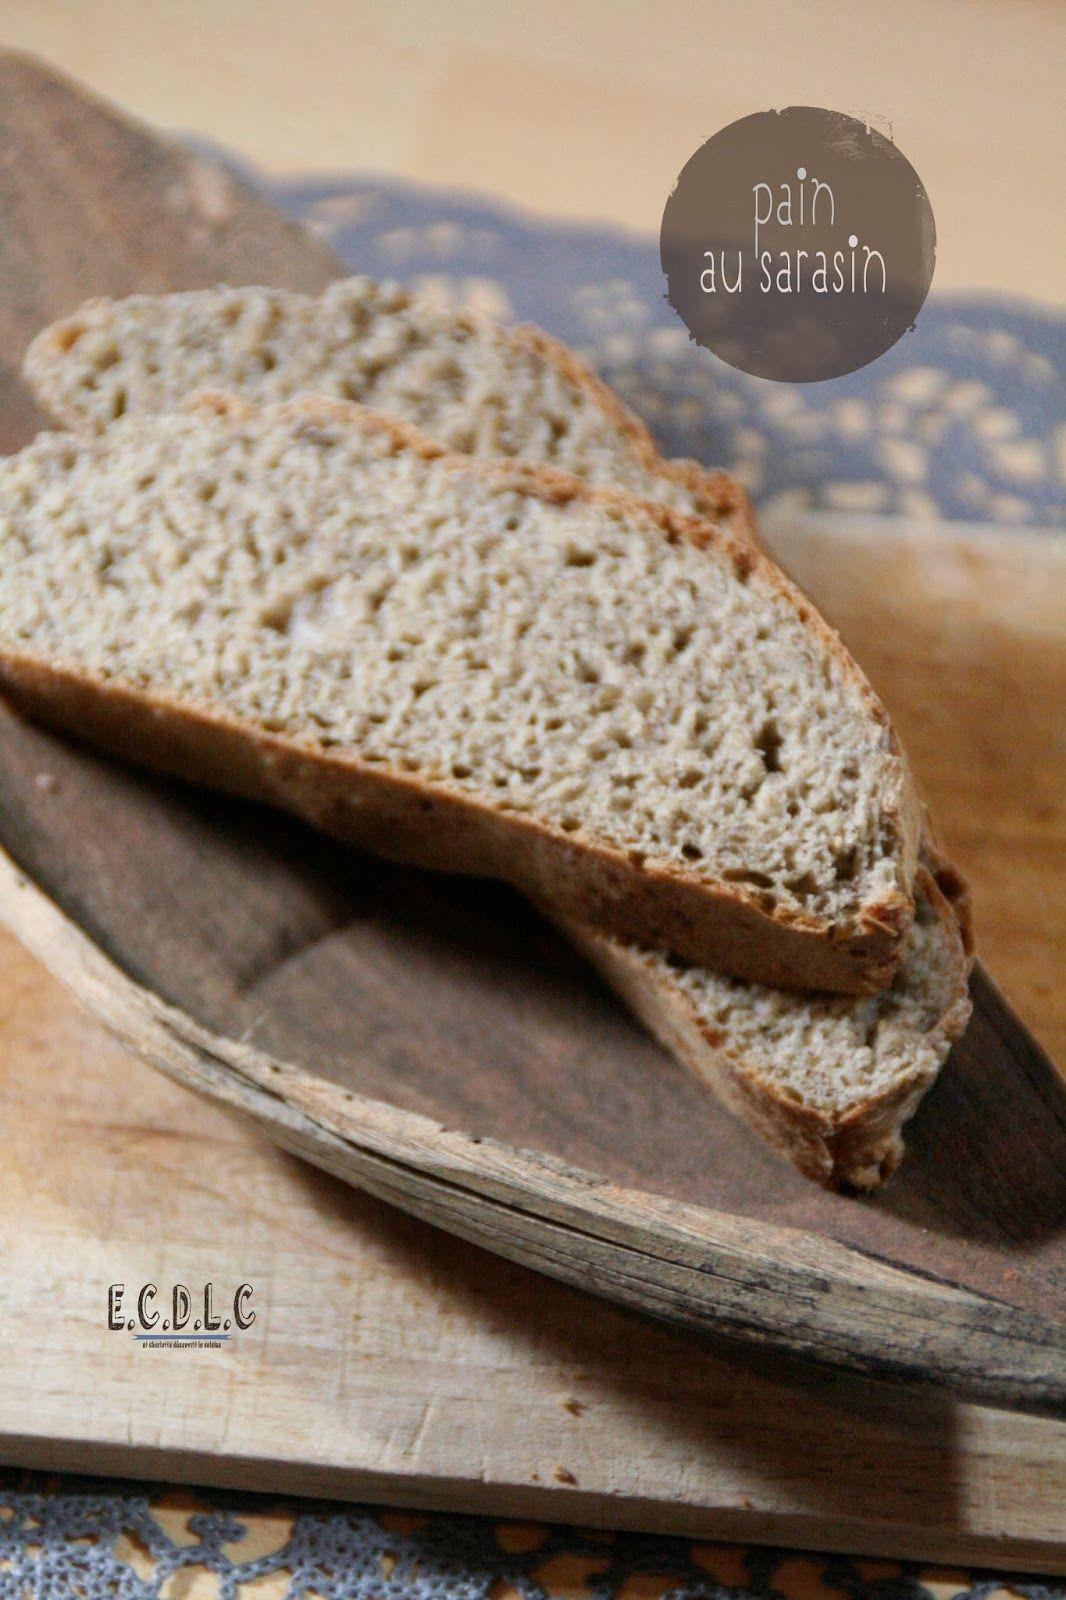 // ATTENTION // ET CHARLOTTE DÉCOUVRIT LA CUISINE...: #Pain au #Sarrasin Le pain ne lève pas après la cuisson. C'est un loupé pour moi. Et j'ai pourtant bien respecté la recette. Très déçu